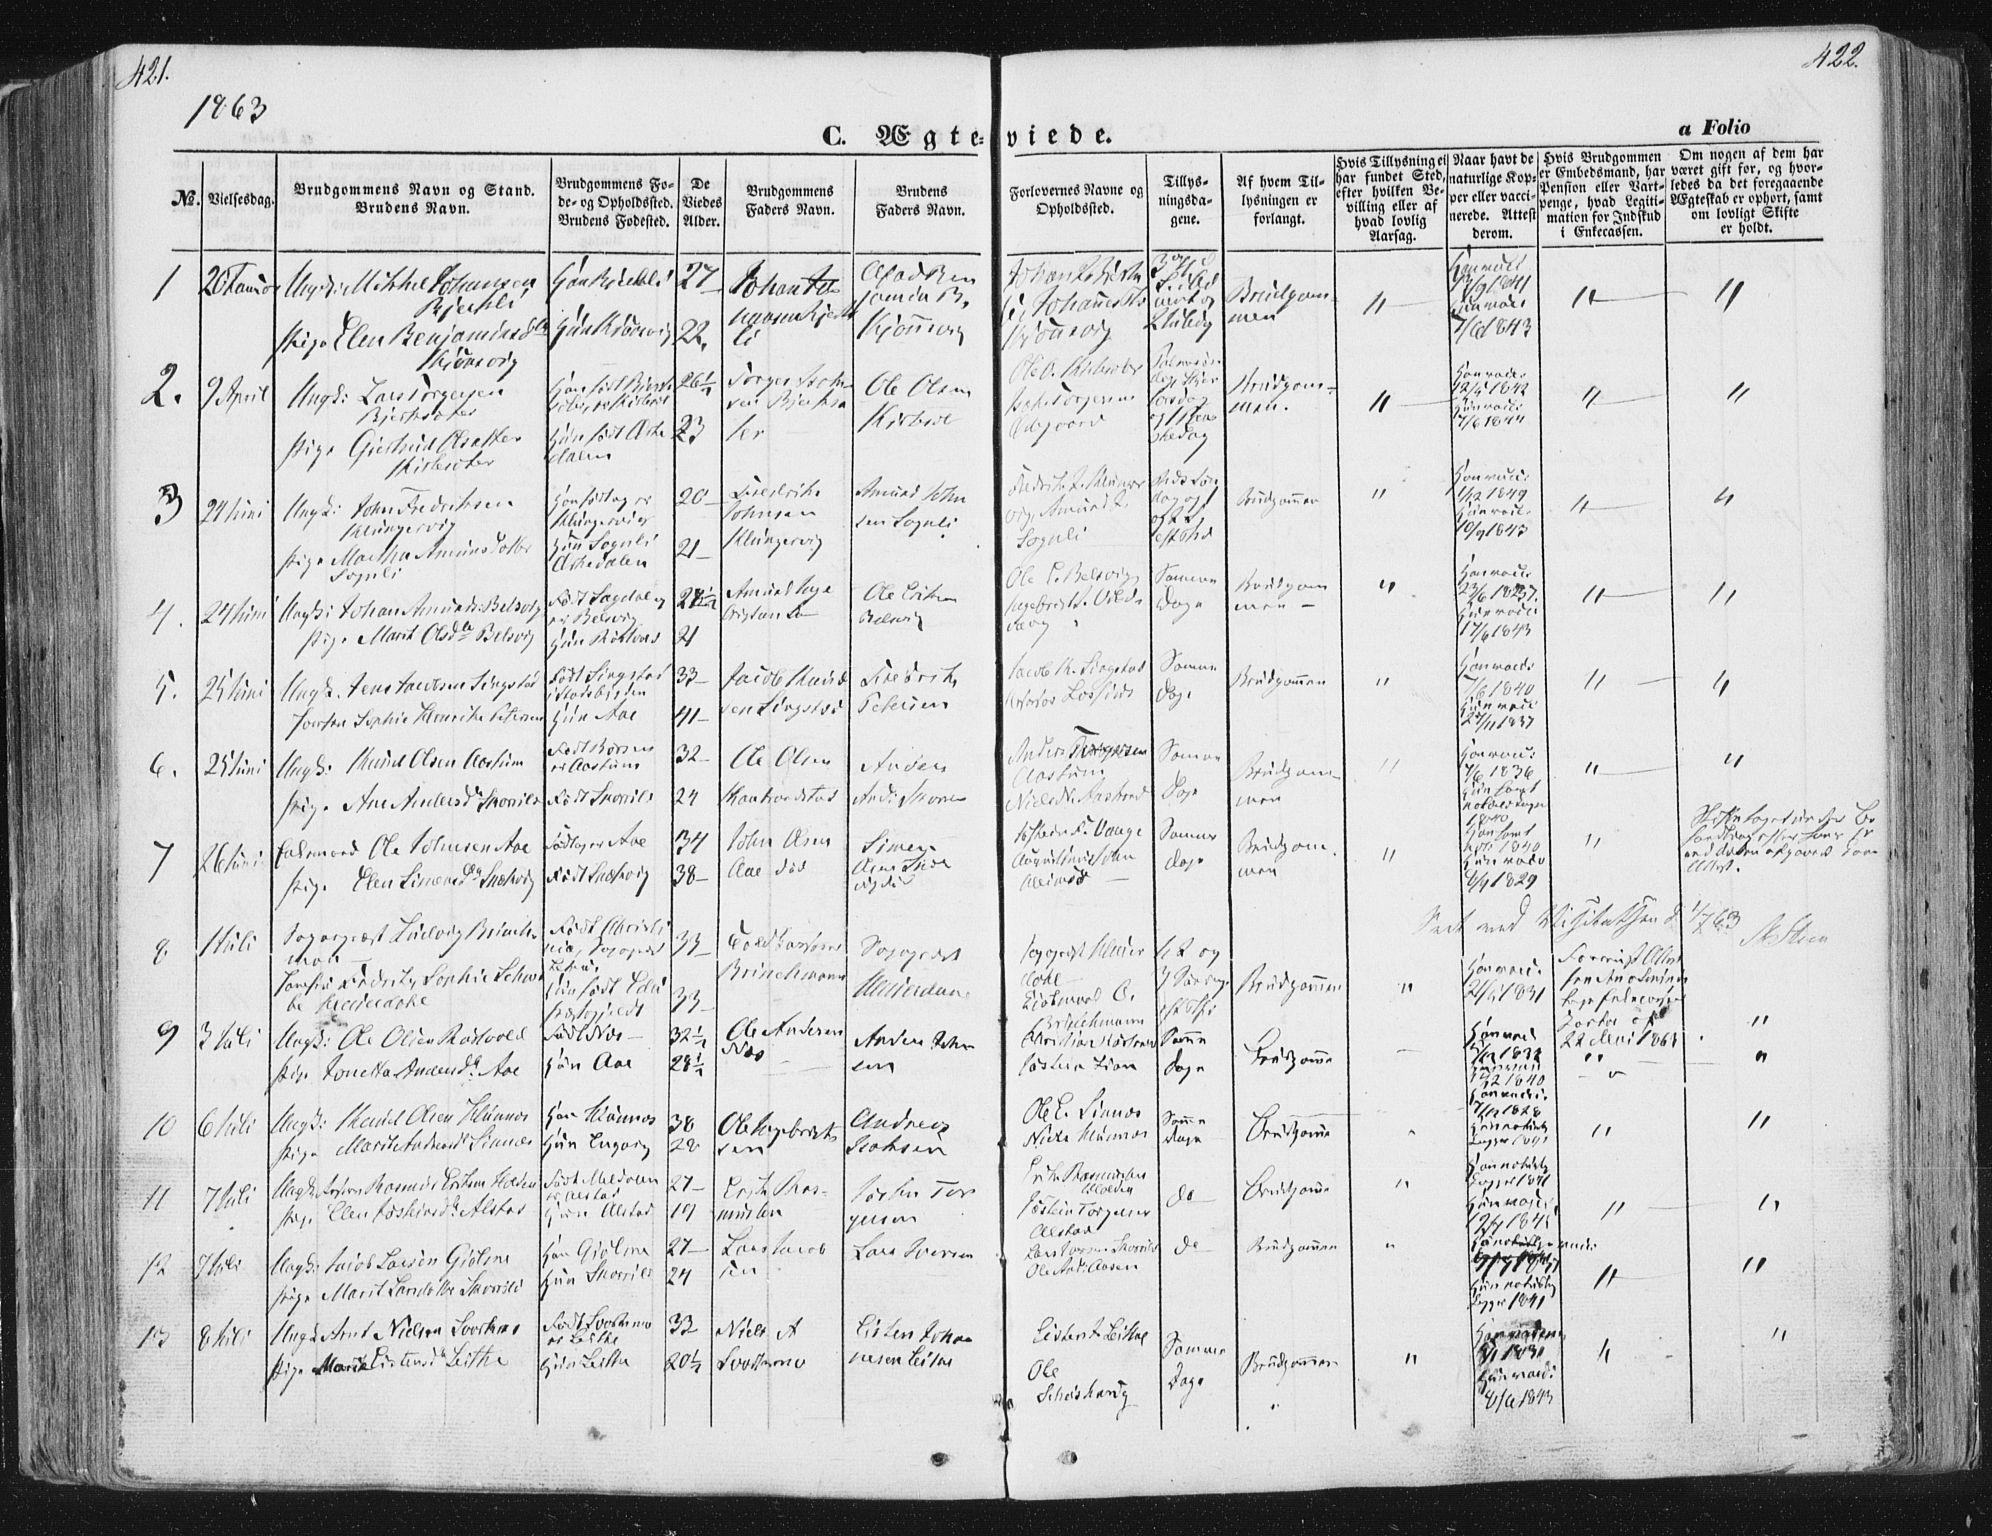 SAT, Ministerialprotokoller, klokkerbøker og fødselsregistre - Sør-Trøndelag, 630/L0494: Ministerialbok nr. 630A07, 1852-1868, s. 421-422